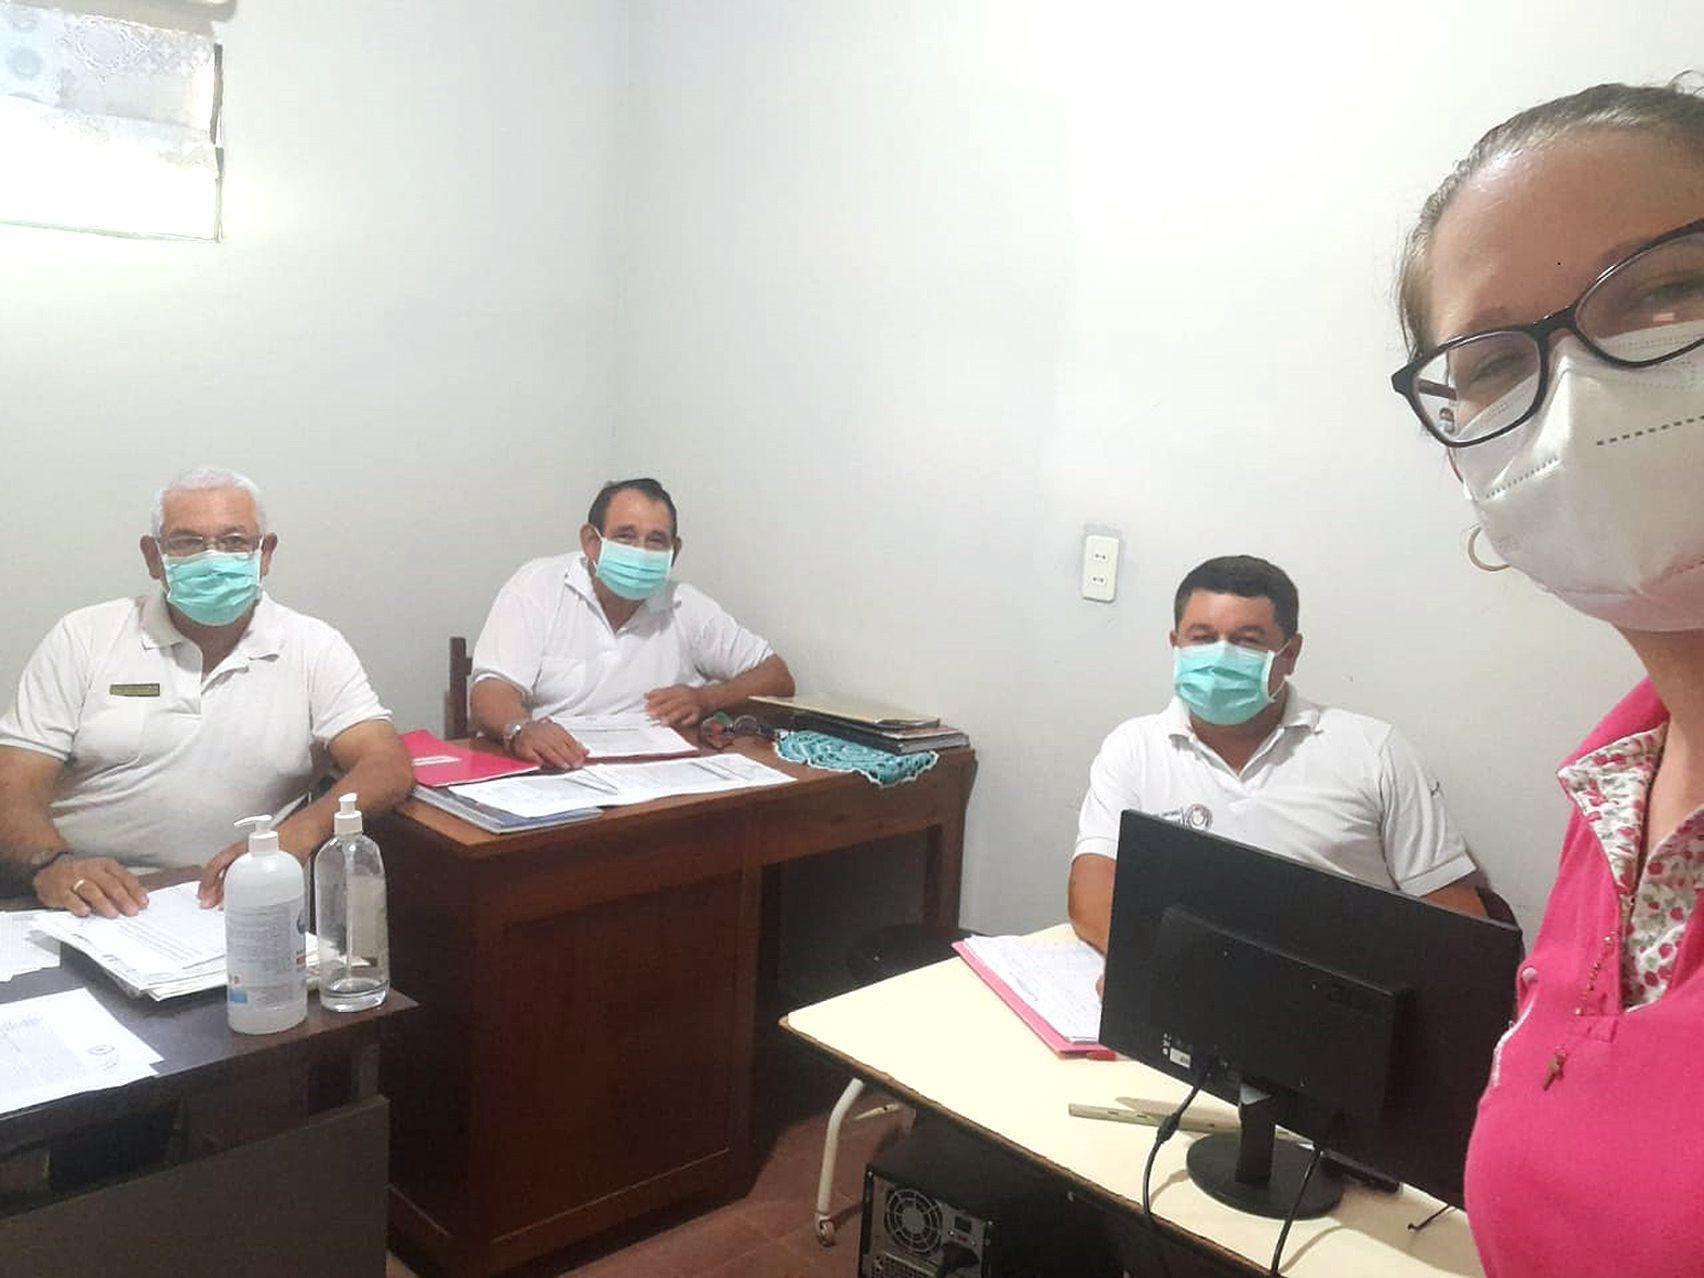 En la imagen se lo observa cumpliendo con el protocolo sanitario, trabajando junto con sus compañeros.